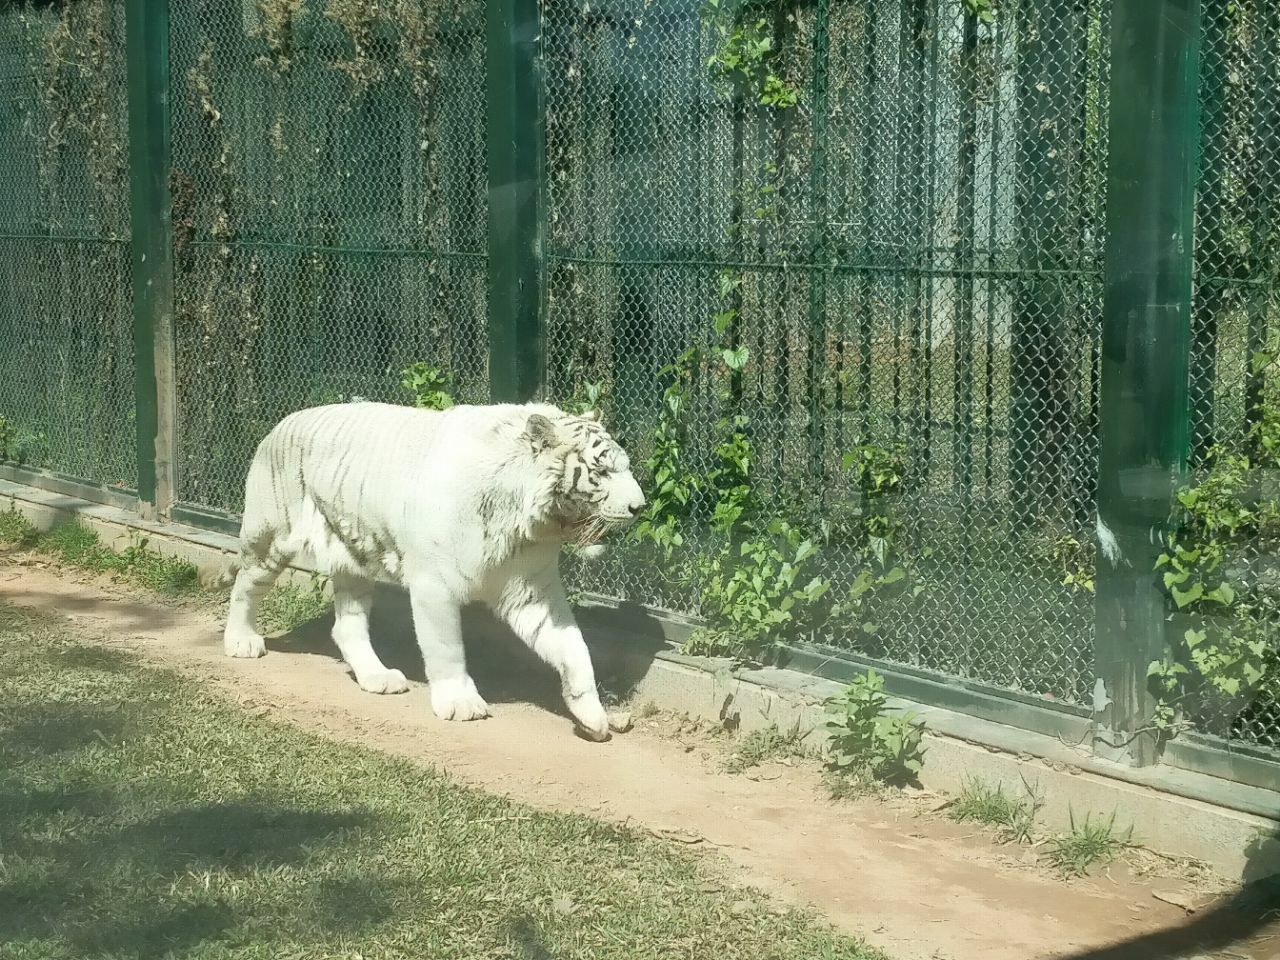 广州动物园(GuangZhou Zoo)位于广州市越秀区,东邻十九路军陵园,南接环市东路,西边云鹤路,北衔先烈中路。有南门和北门两个出入口,两门均设有停车场。于1958年建成开放,占地面积42公顷。2013年接待游客400万人次 广州动物园共有选自全国和世界各地的哺乳类、爬虫类、鸟类和鱼类等动物 450余种(2013年),4500多头(只),其中不少属于世界珍禽异兽。属于国家一类重点保护动物有大熊猫、金丝猴、黑颈鹤等35种,属于国家二类重点保护动物的有小熊猫、白枕鹤等32种。